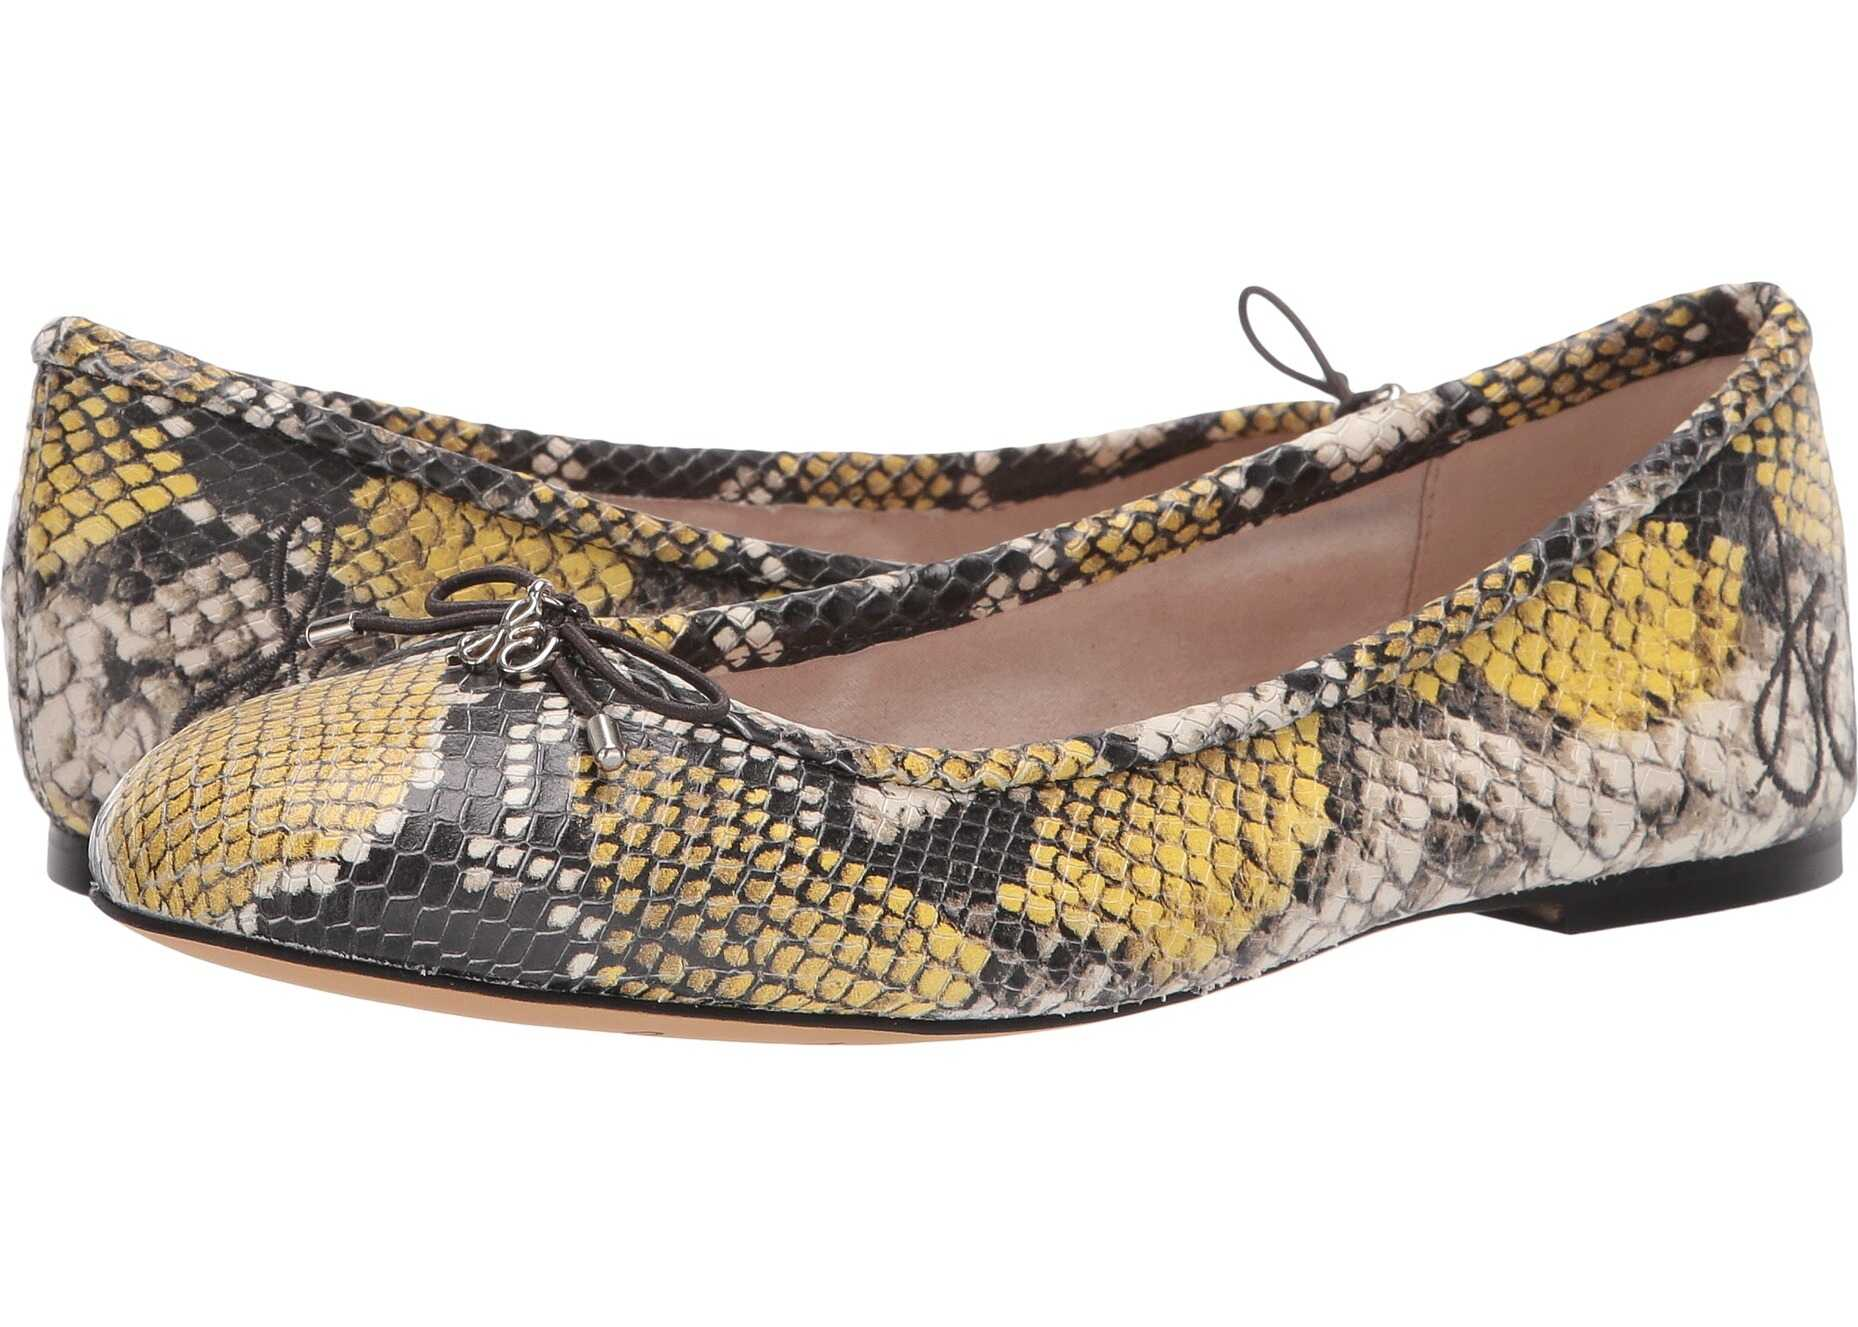 Sam Edelman Felicia Tuscan Yellow Multi Exotic Snake Print Leather